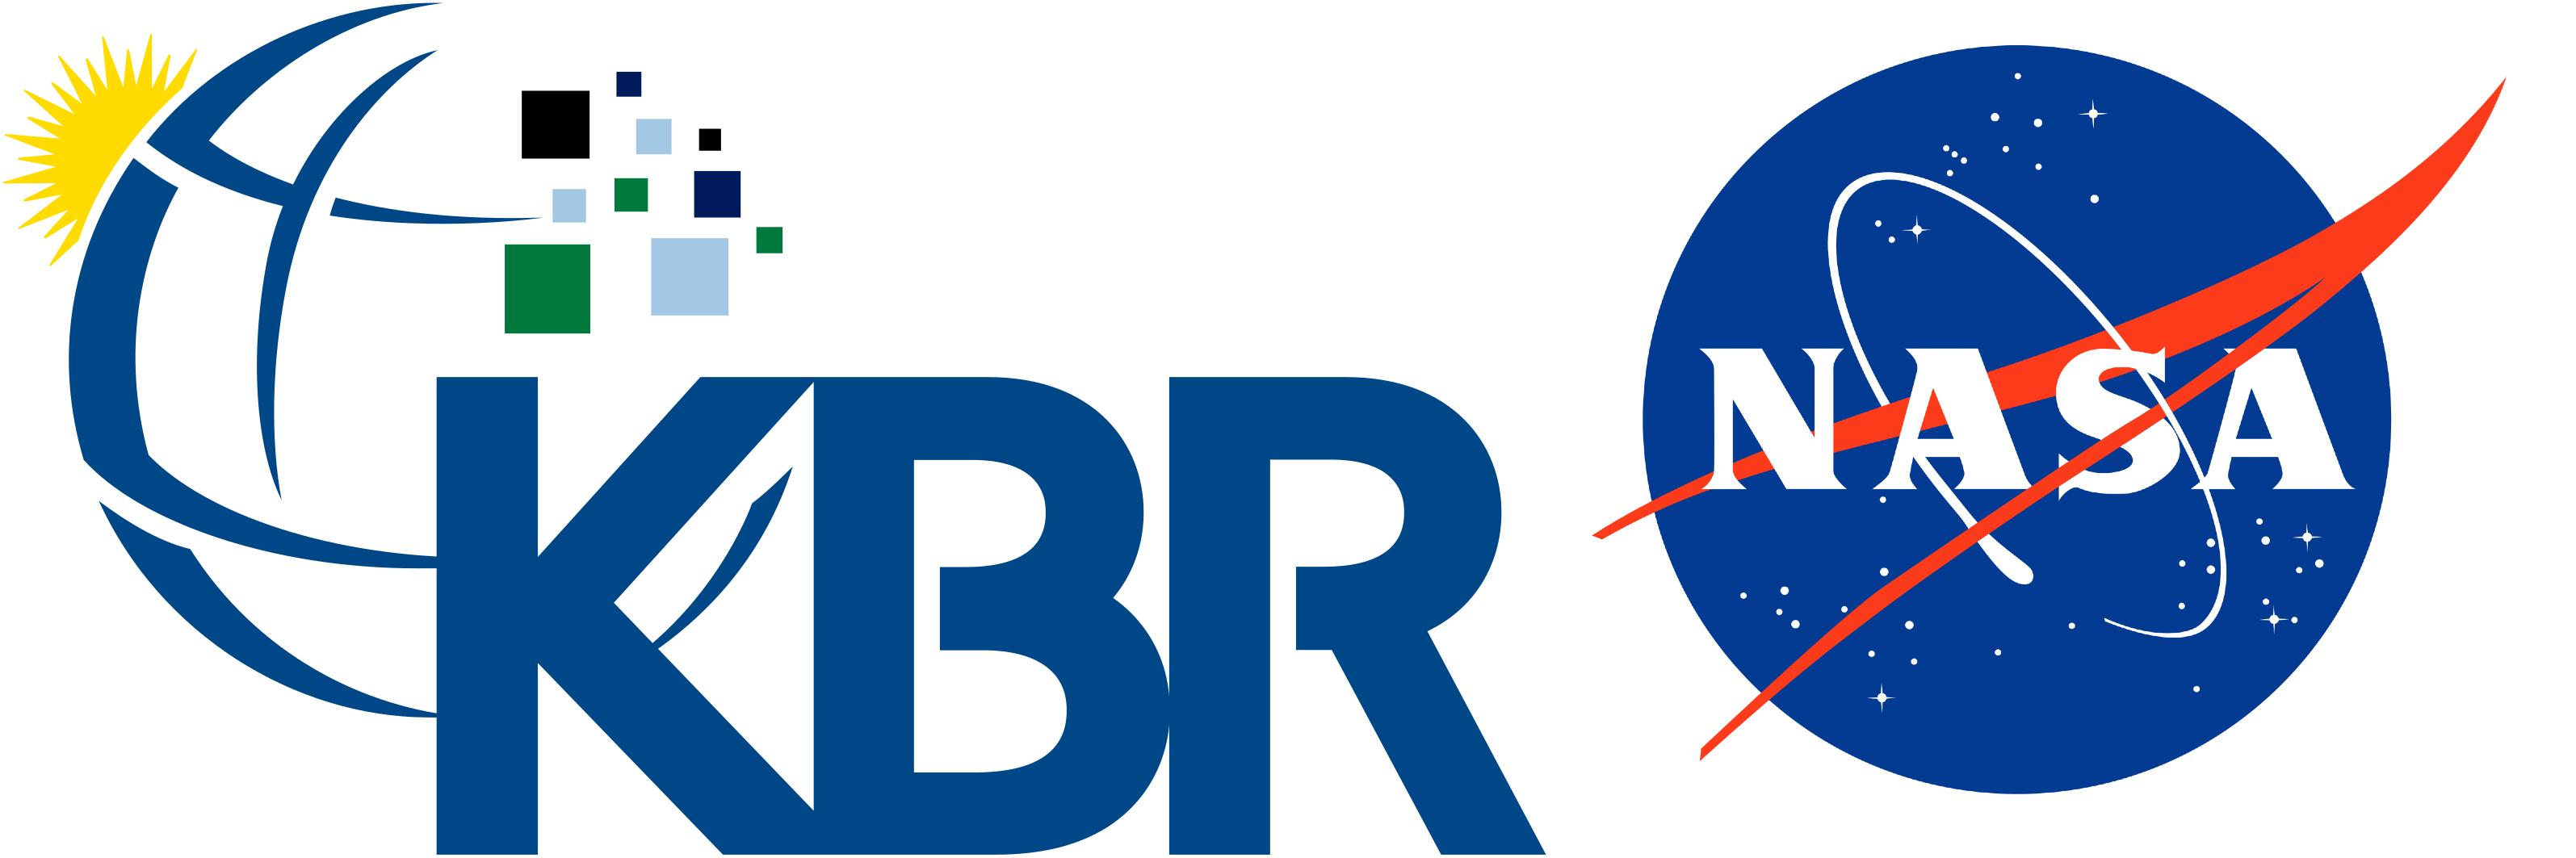 KBR and NASA